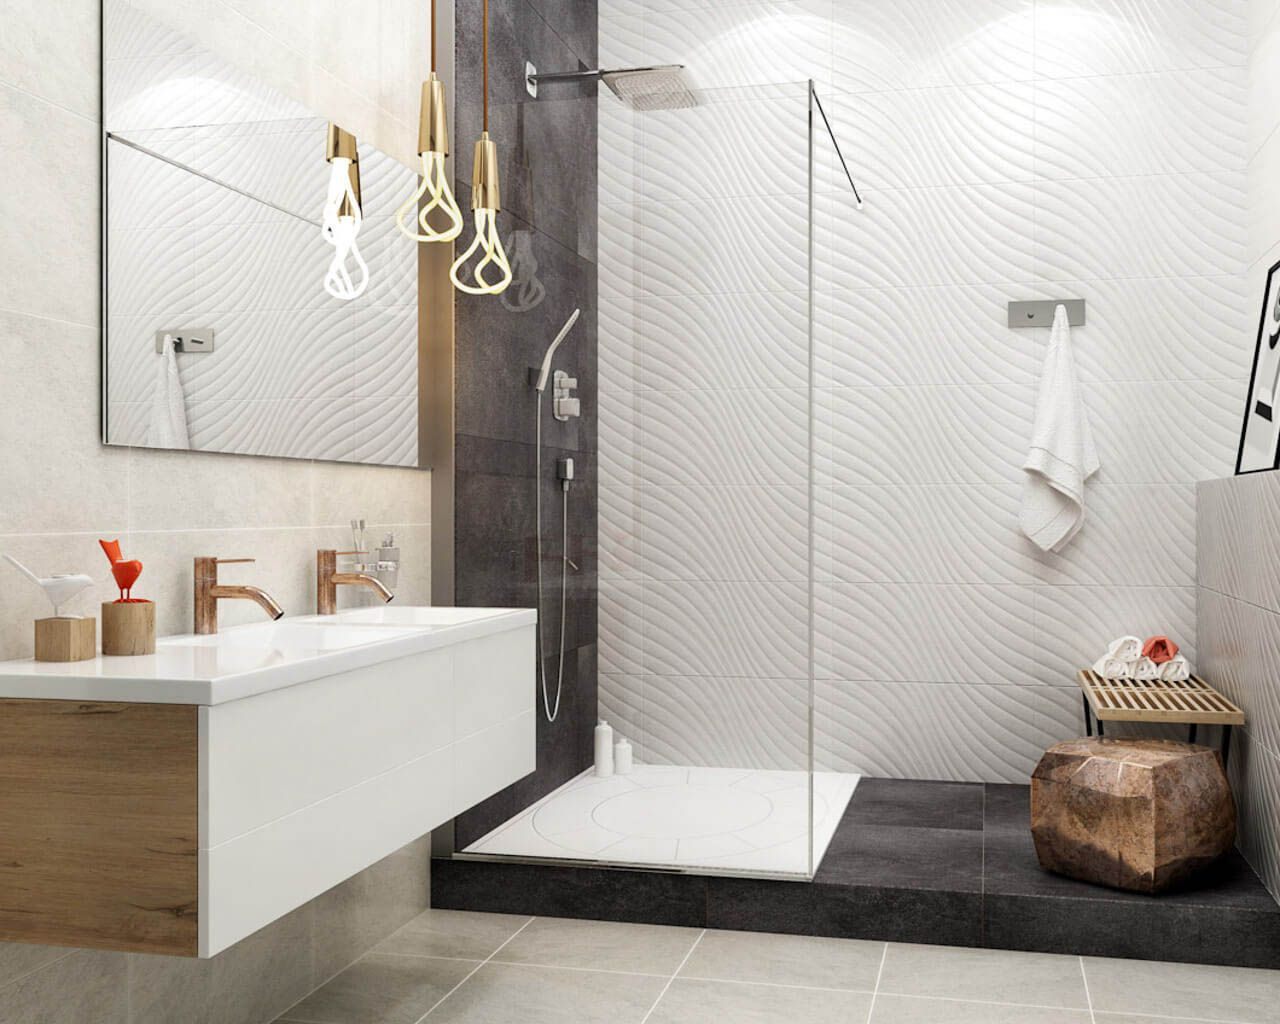 Modernes, kleines Bad mit Dusche | Ceramika Paradyz